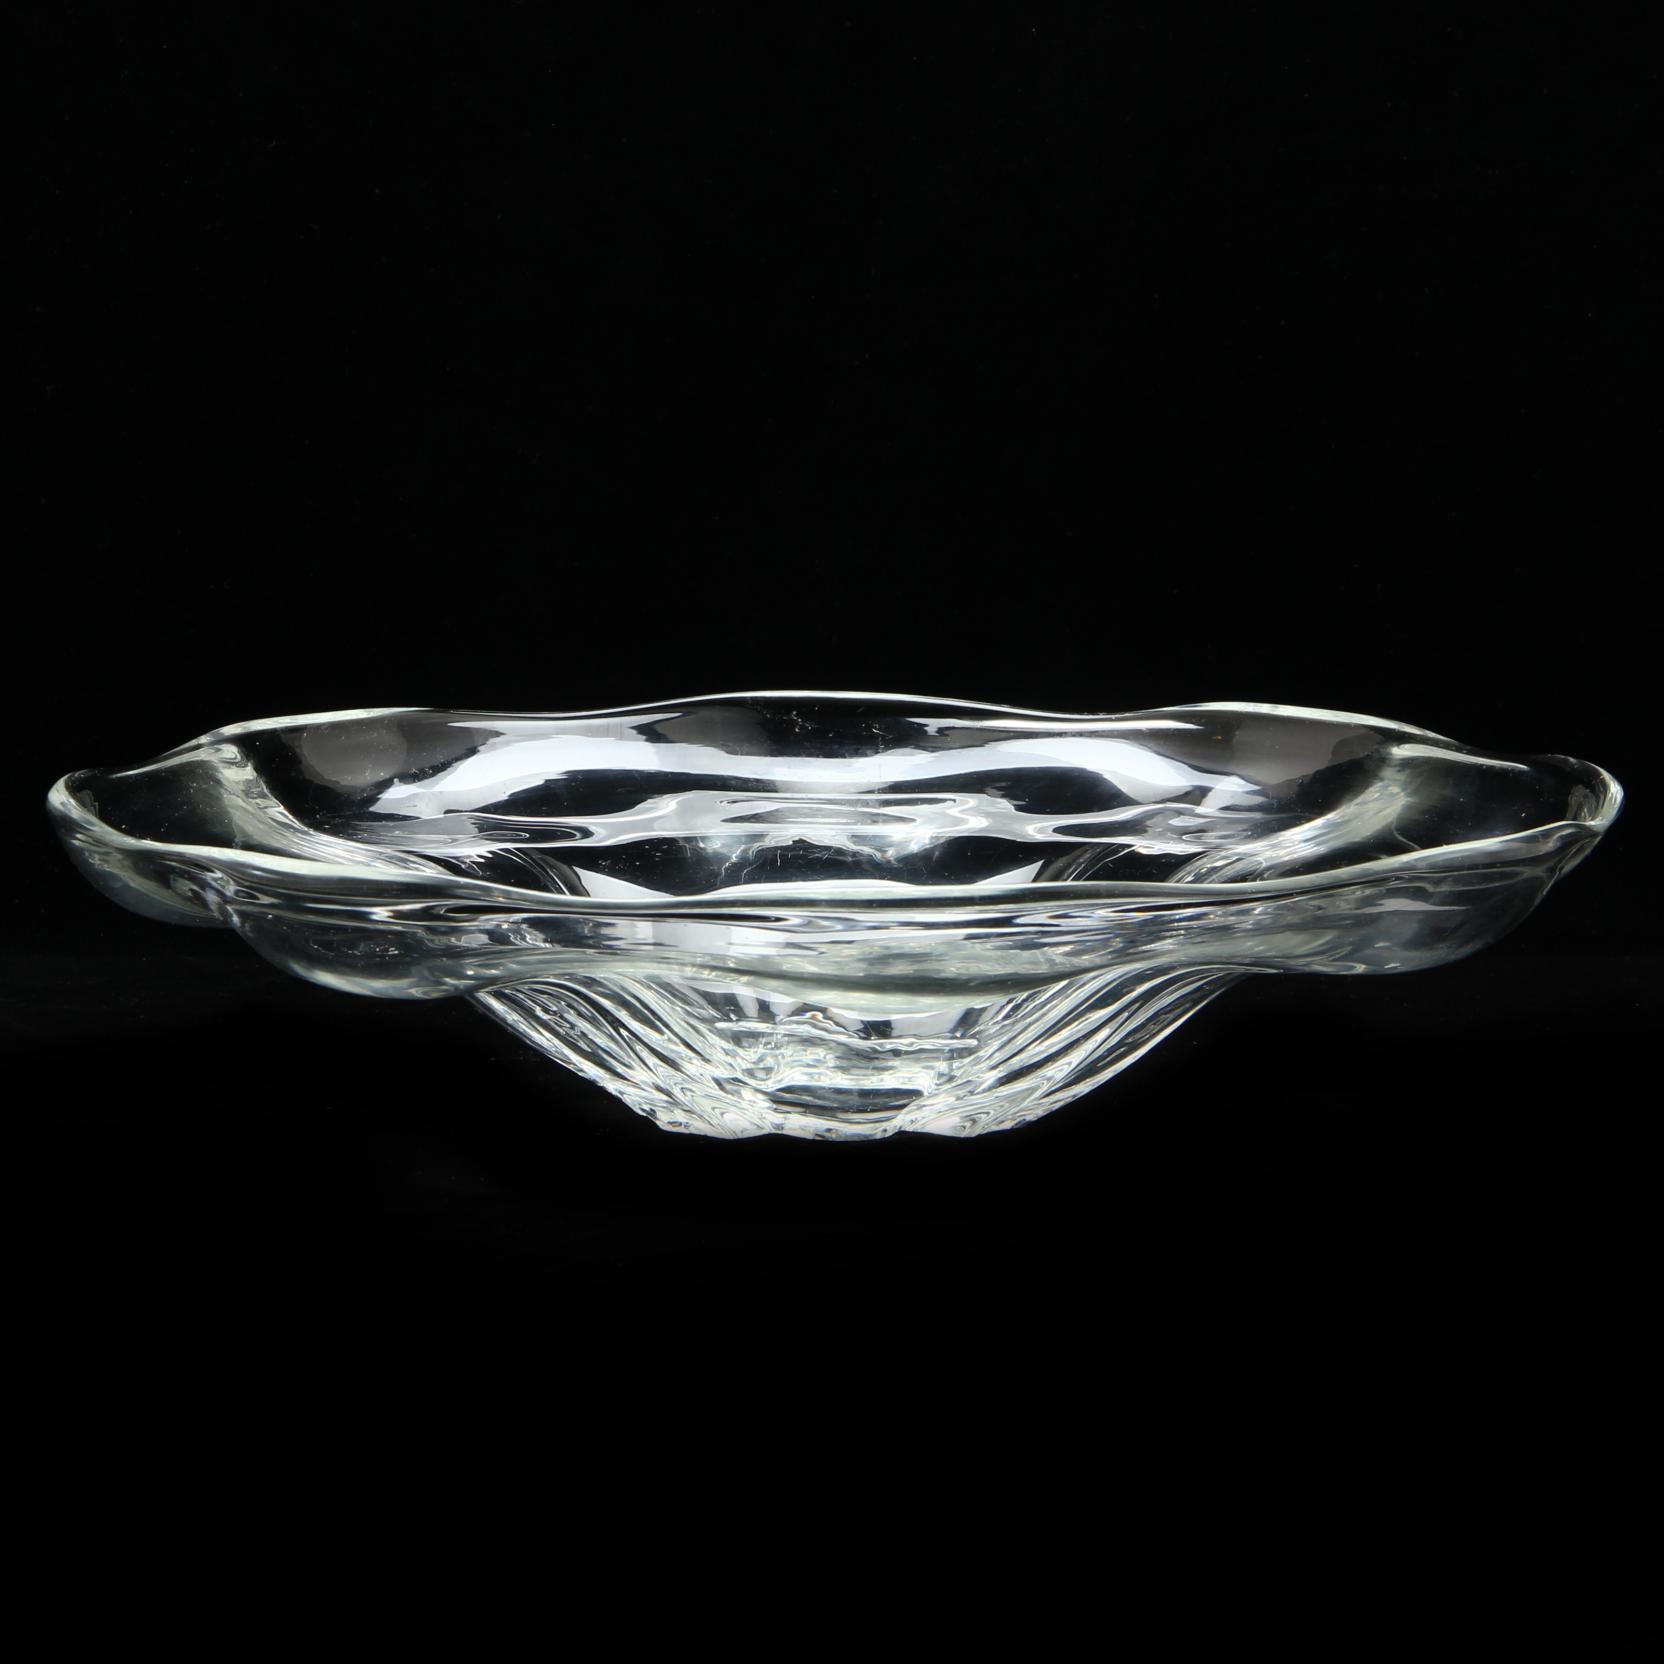 steuben-large-crystal-center-bowl